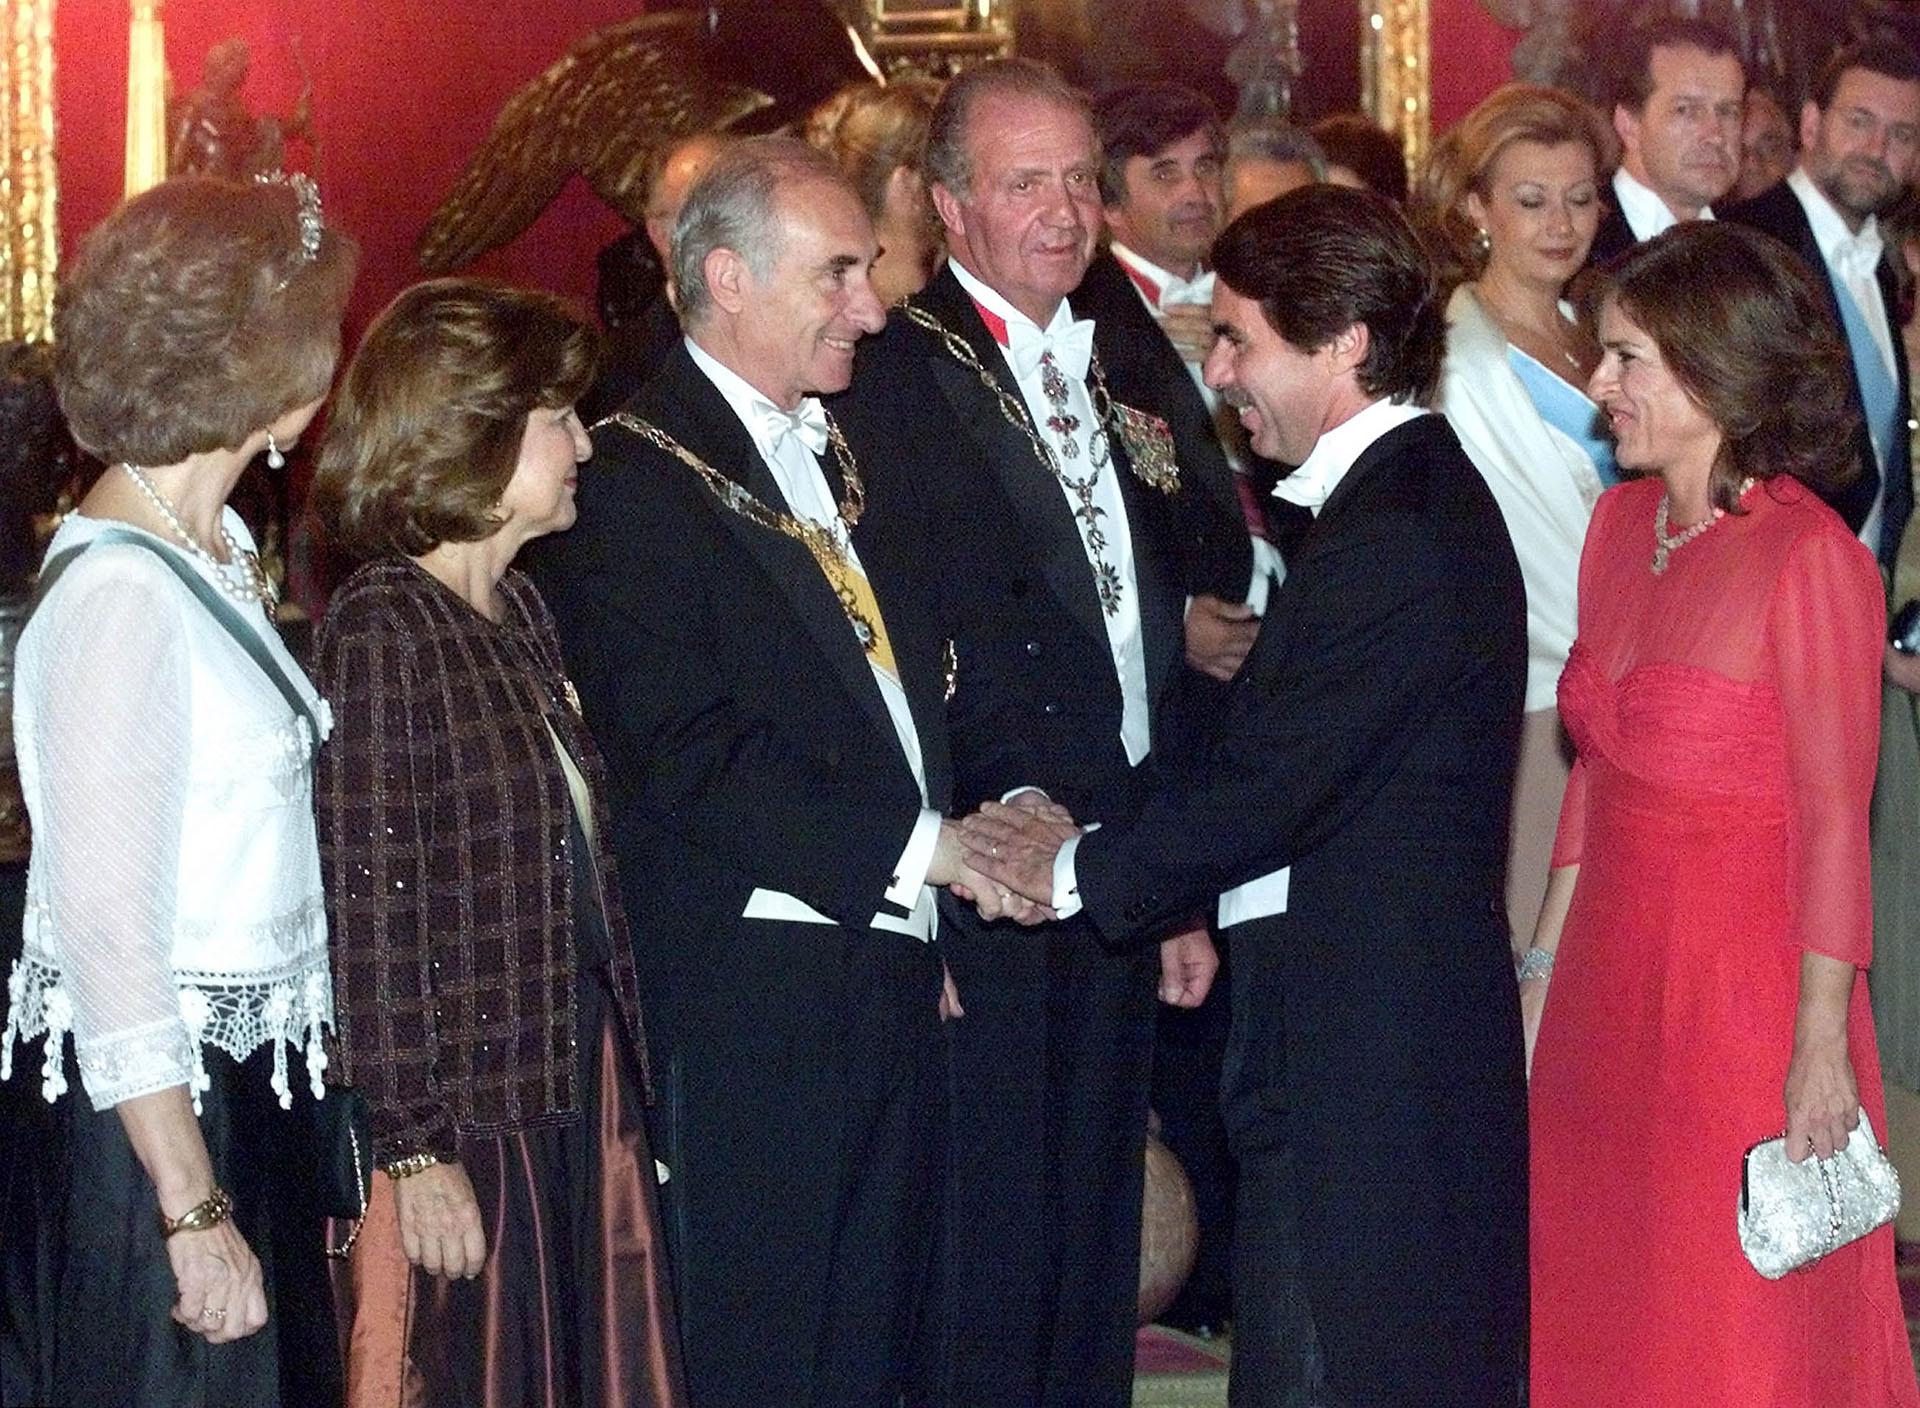 Año 2000, Madrid. De La Rua y la primera dama Inés Pertiné saludan al primer ministro español José María Aznar, ante la mirada del rey Juan Carlos y la reina Sofía